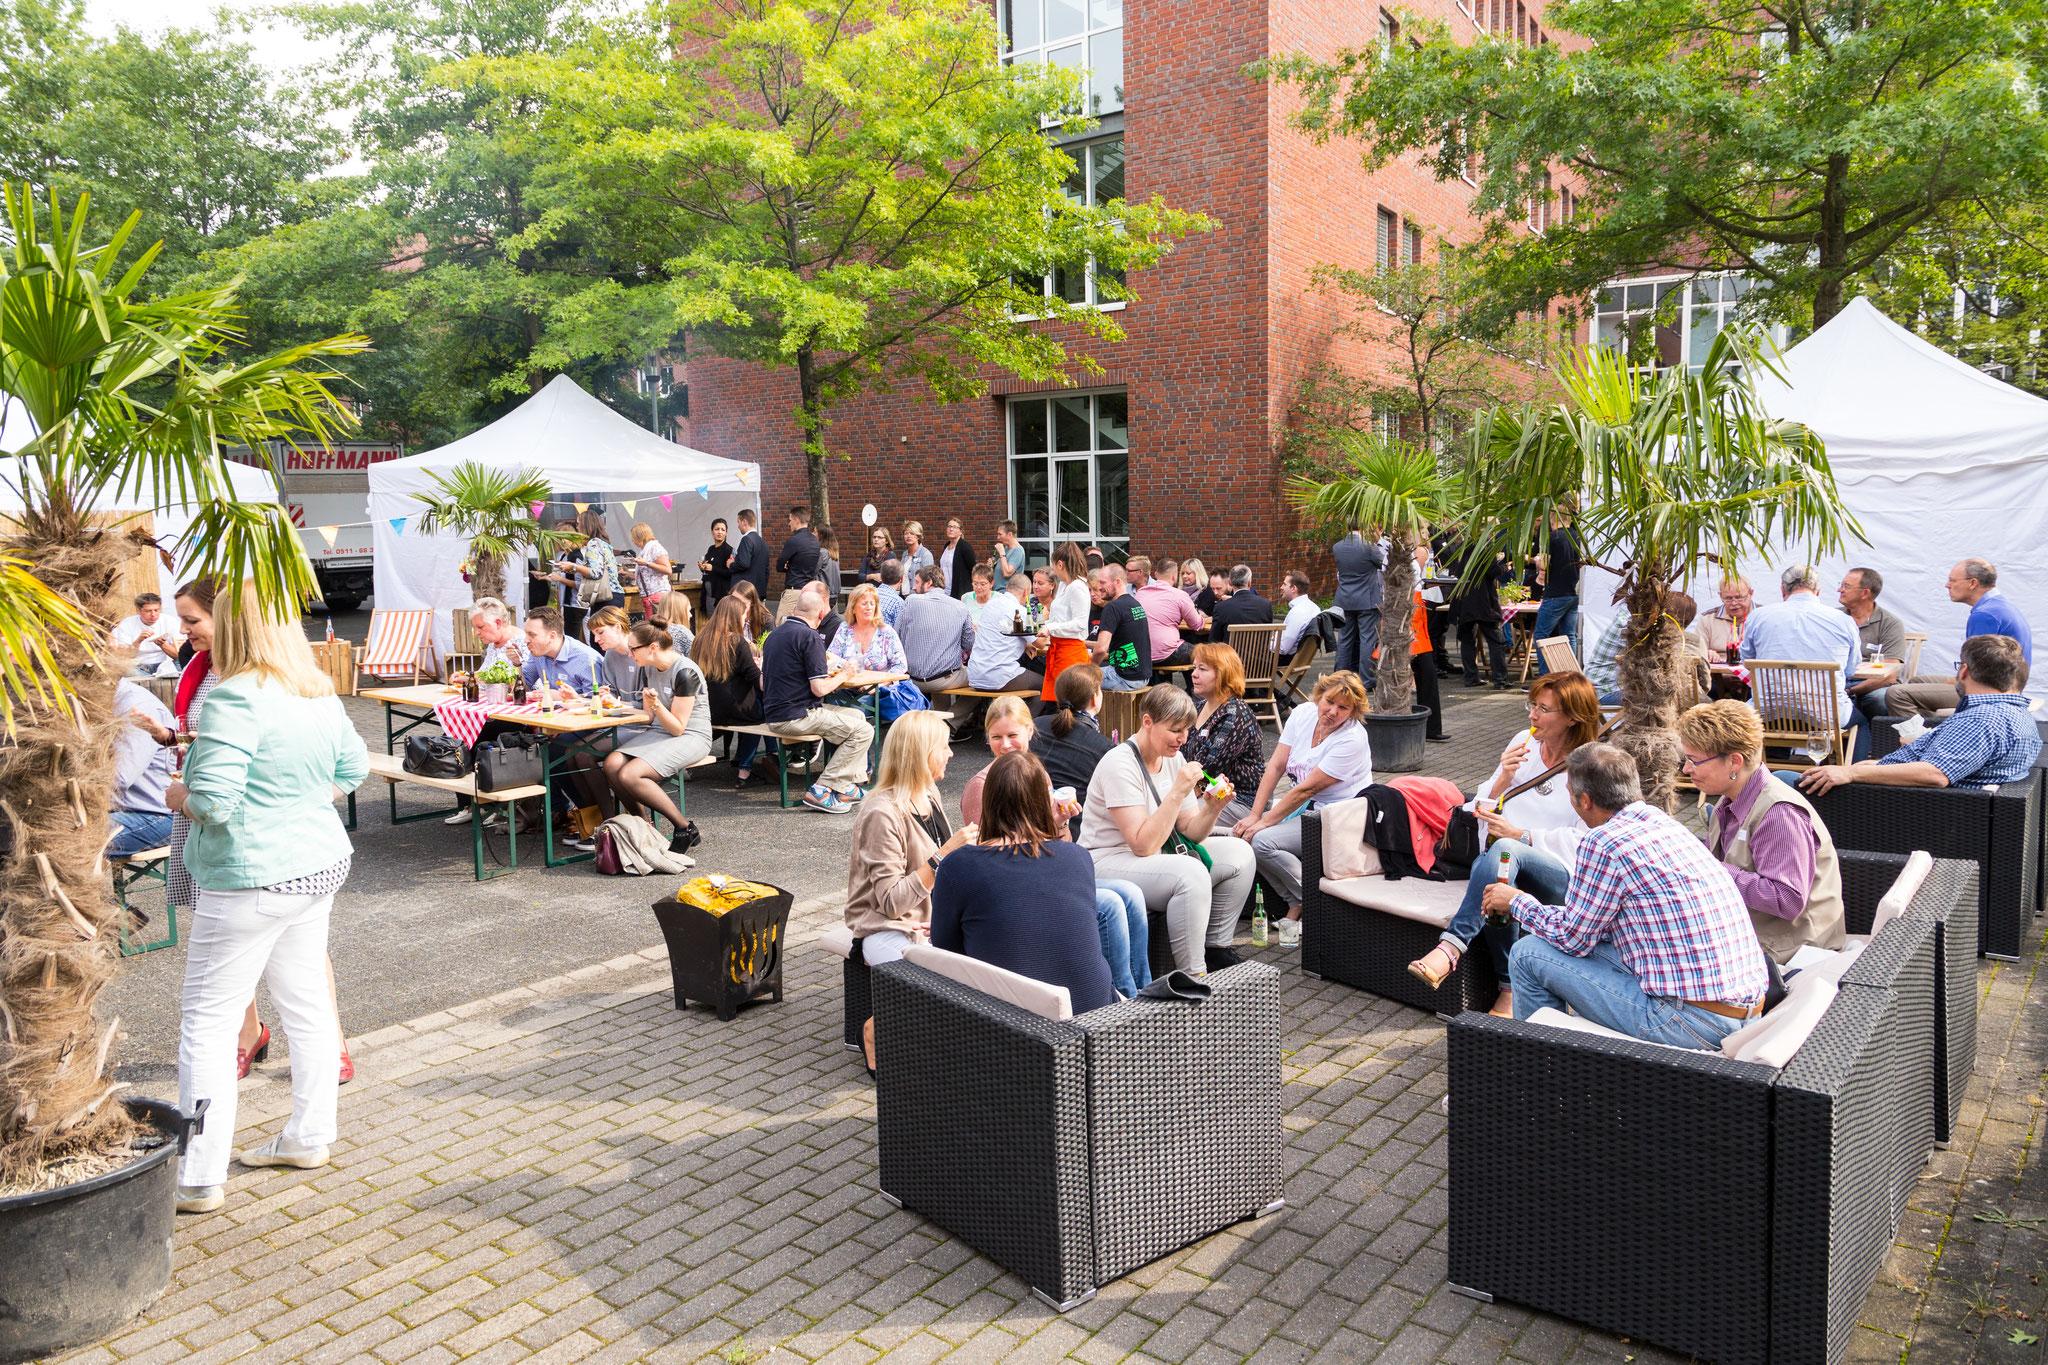 """<h1>sichere outdoor Sommerfestkonzepte</h1> für Ihre Mitarbeiter, inkl. Outdoormöbel <a href=""""https://www.highlight-eventoffice.eu/leistungen/eventkonzepte/we-are-family-day/""""><b>weitere Infos</b></a>"""